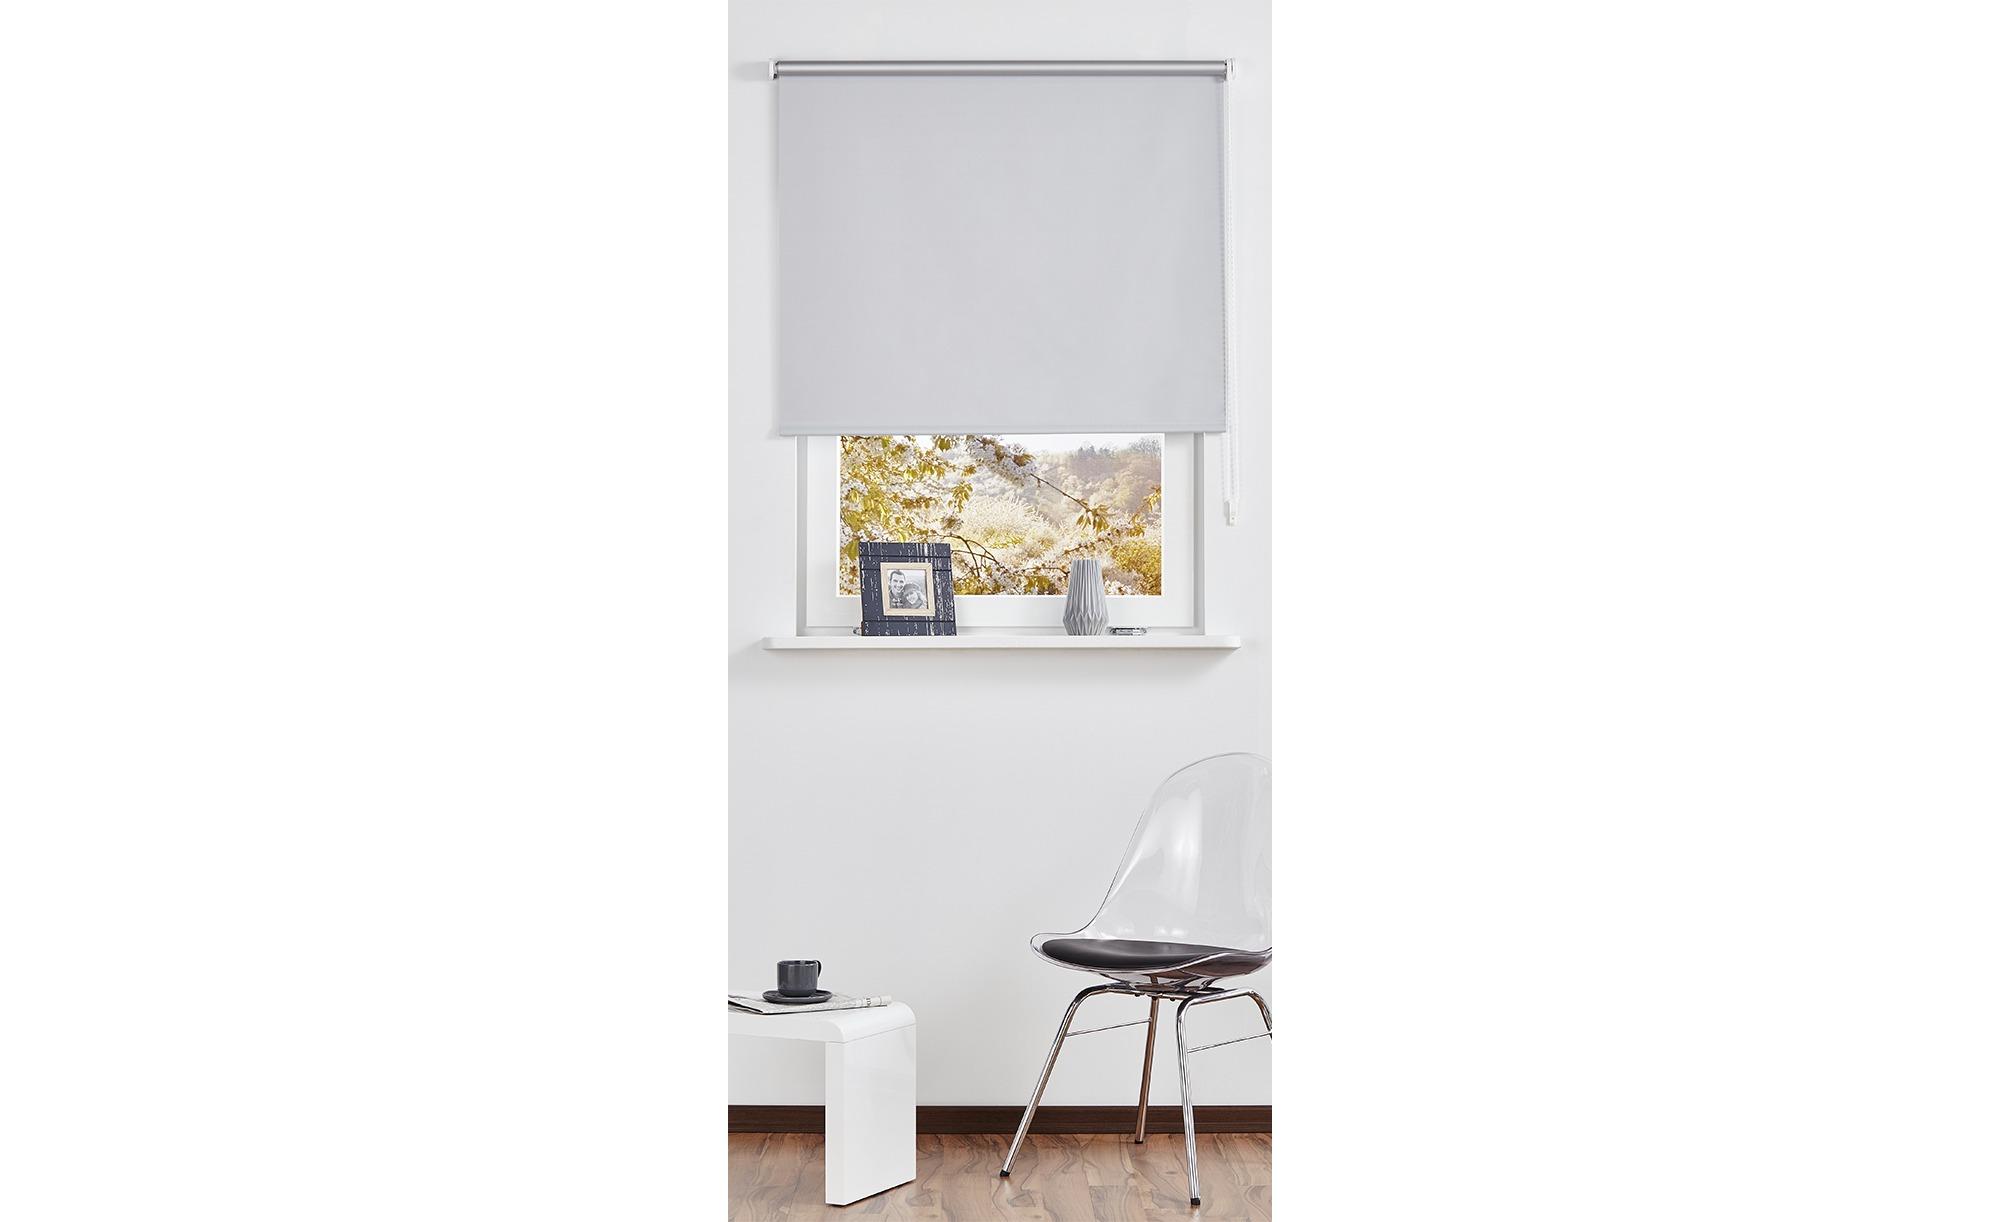 KHG Seitenzug-Rollo - blau - Polyester - 142 cm - Gardinen & Vorhänge ></noscript> Rollos & Sonnenschutz > Rollos - Möbel Kraft